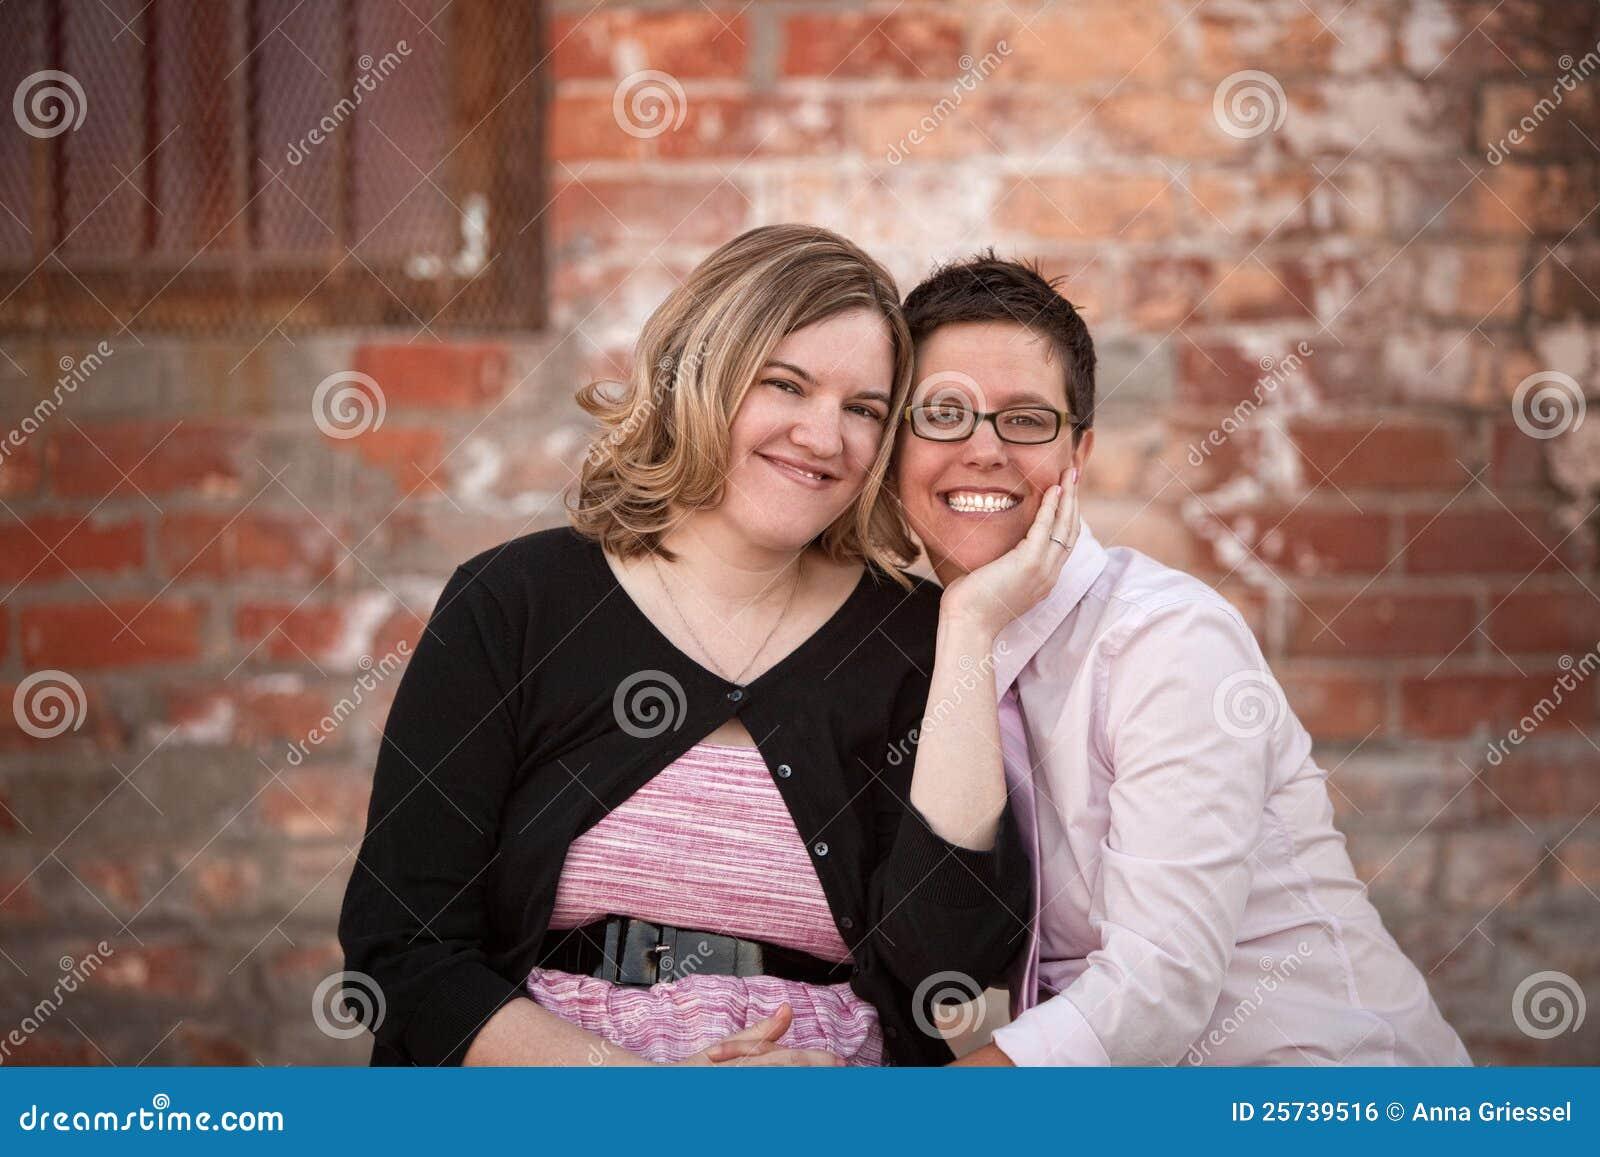 成人论里电影女同性恋_march 03rd, 2012 敬慕, 成人, 背包, 不列塔尼的, 女同性恋, 白种人